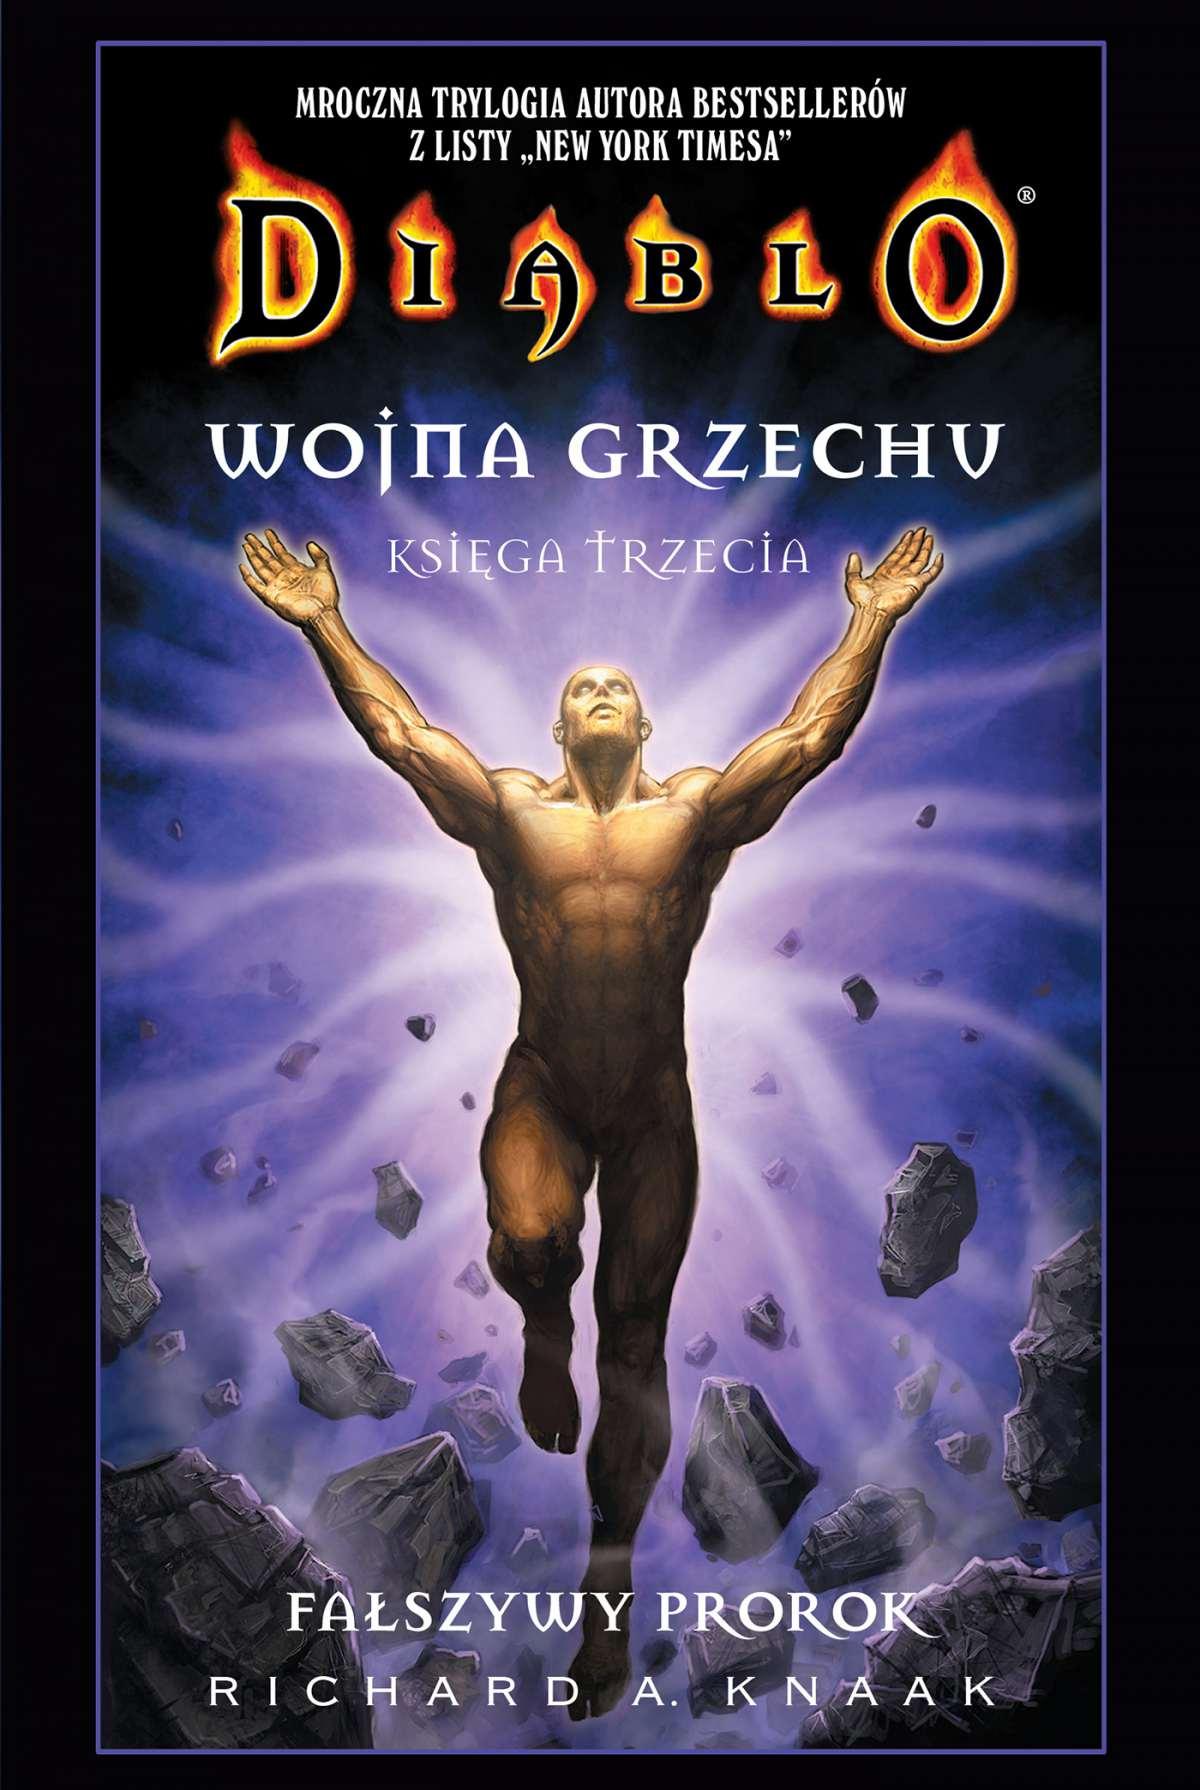 Diablo. Wojna Grzechu: Fałszywy prorok - Ebook (Książka EPUB) do pobrania w formacie EPUB